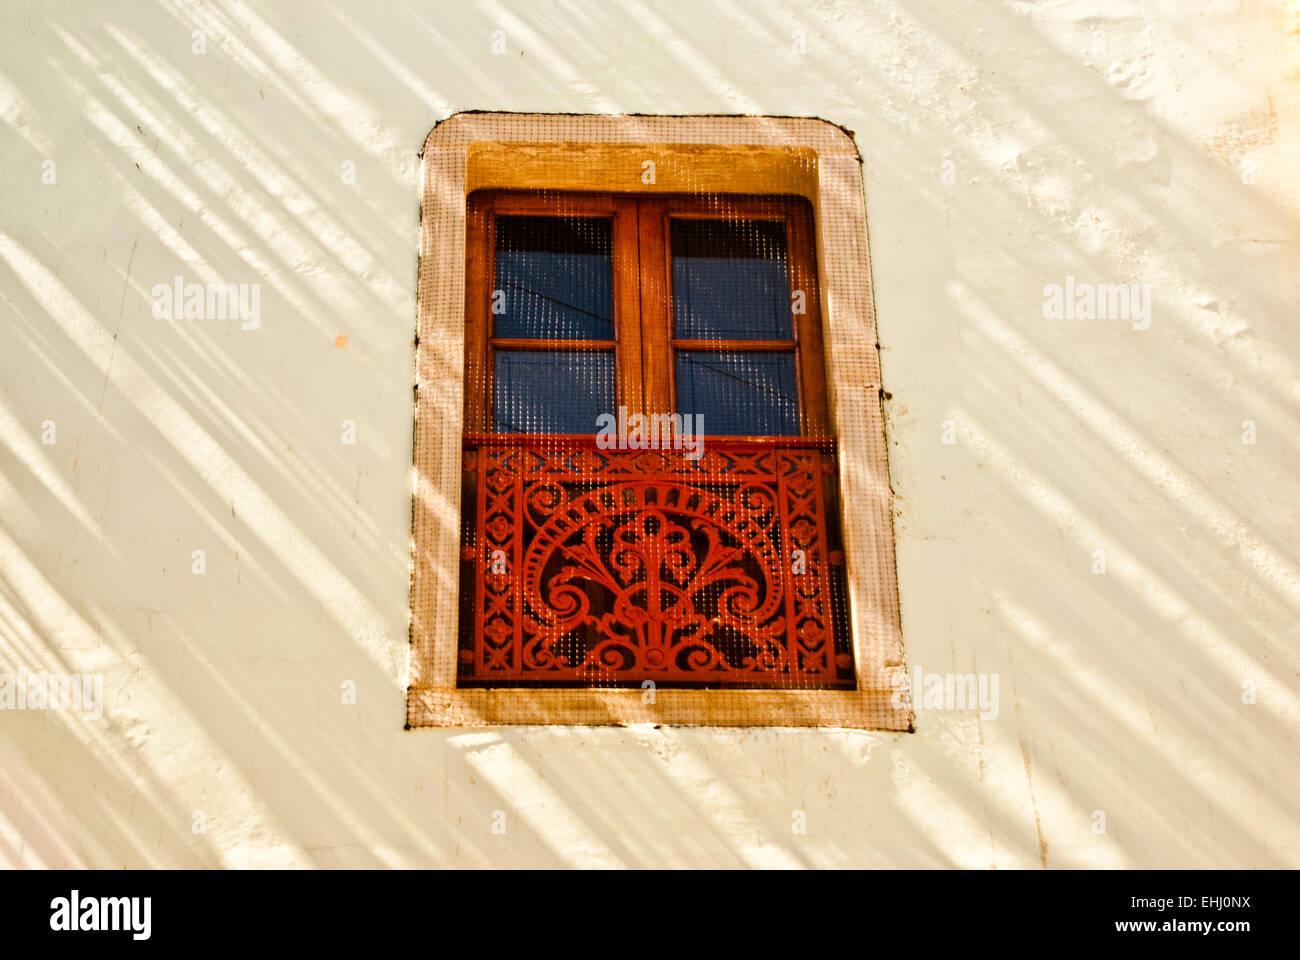 Decorative Window Stockfotos & Decorative Window Bilder - Alamy